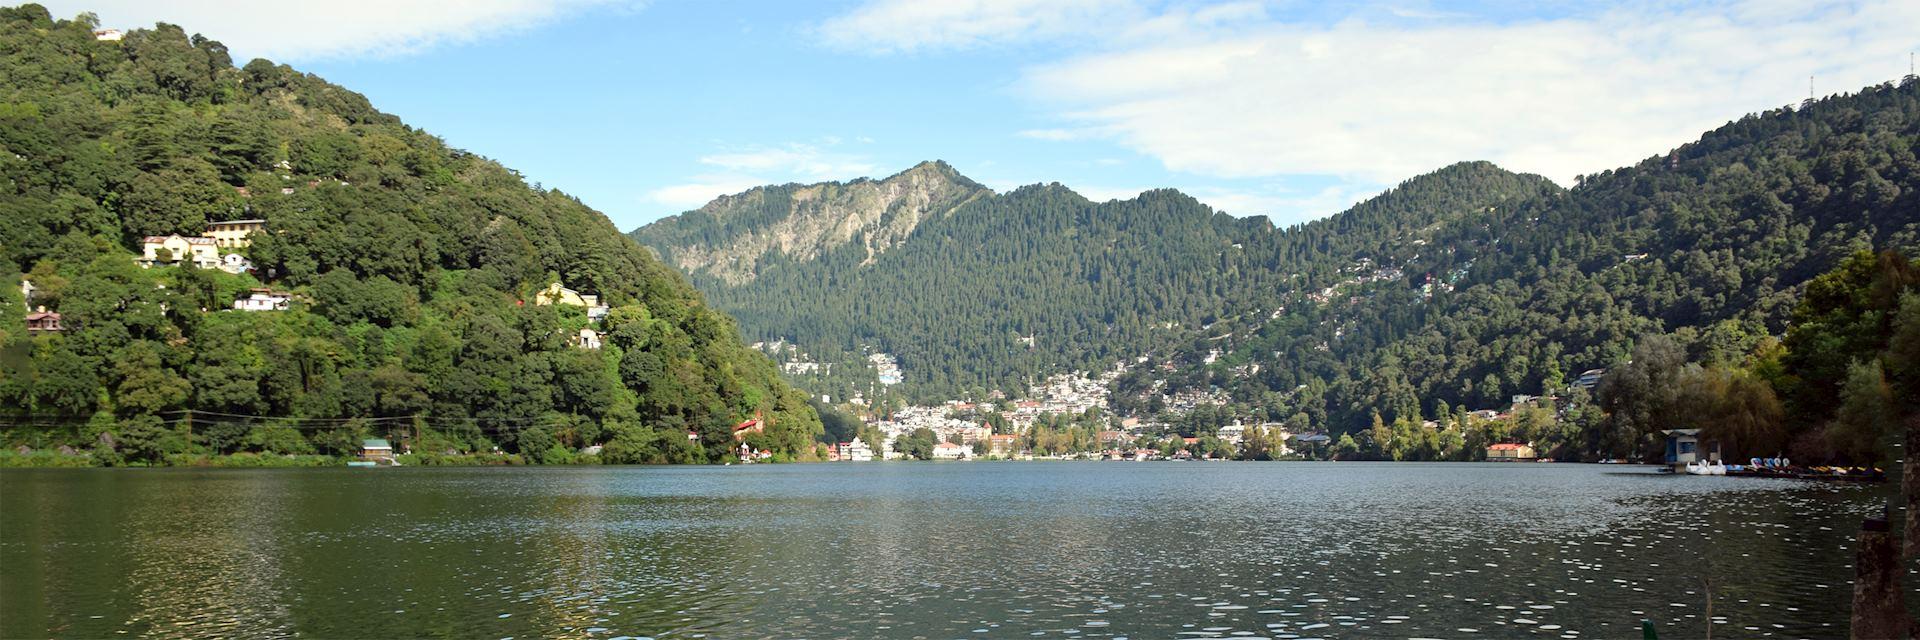 Lake and mountain view in Nainital